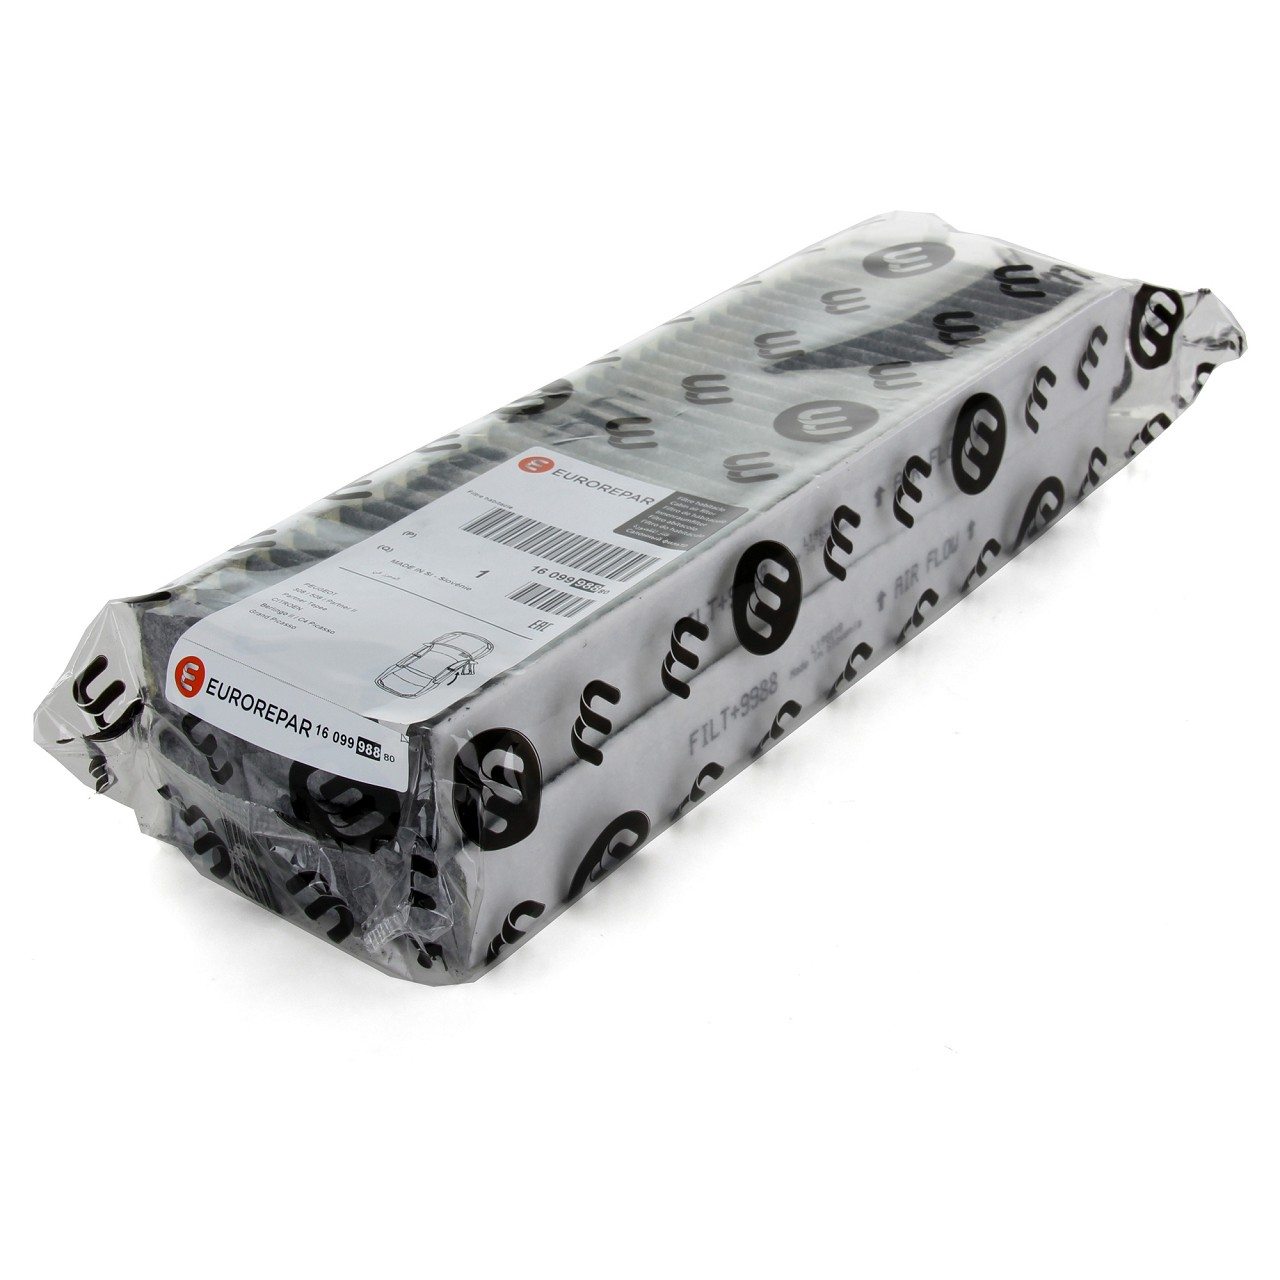 ORIGINAL Citroen Peugeot EUROREPAR Innenraumfilter Aktivkohlefilter 1609998880